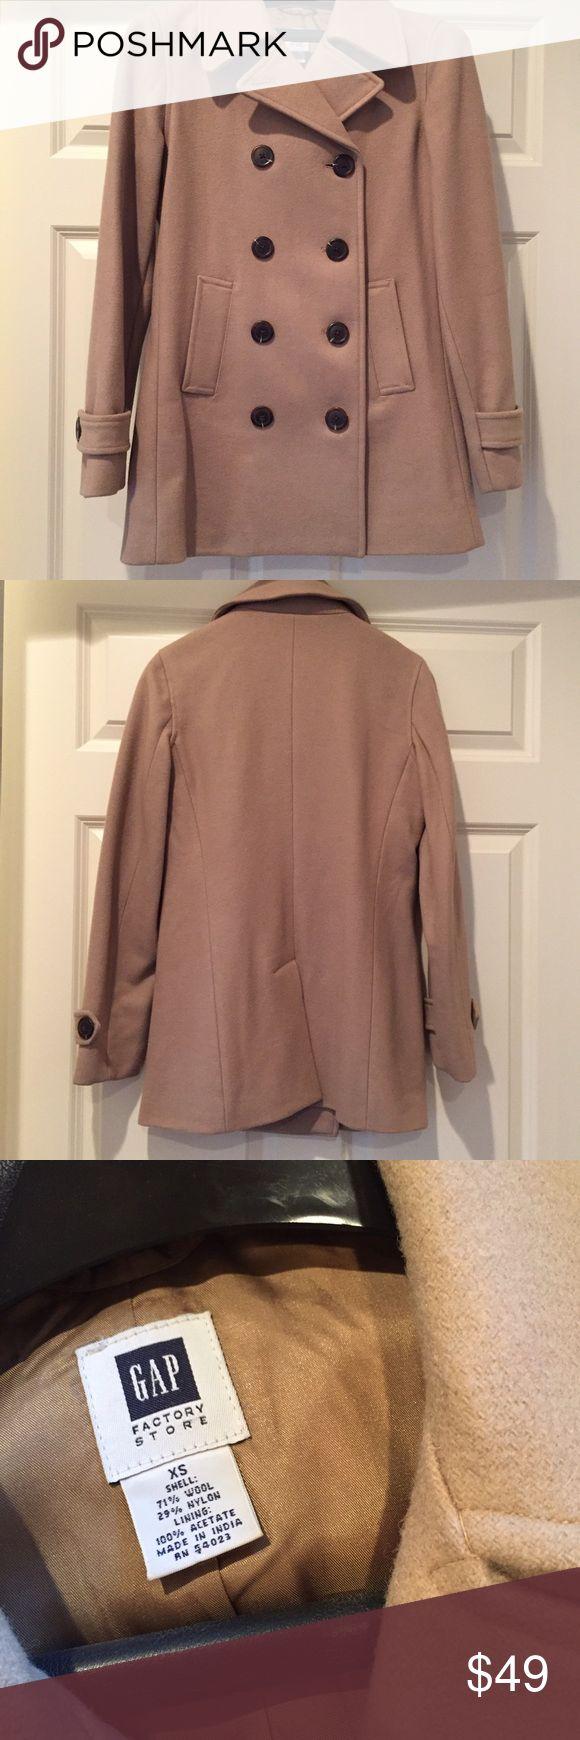 Gap camel pea coat Gap camel color pea coat. Lined. Excellent condition. GAP Jackets & Coats Pea Coats